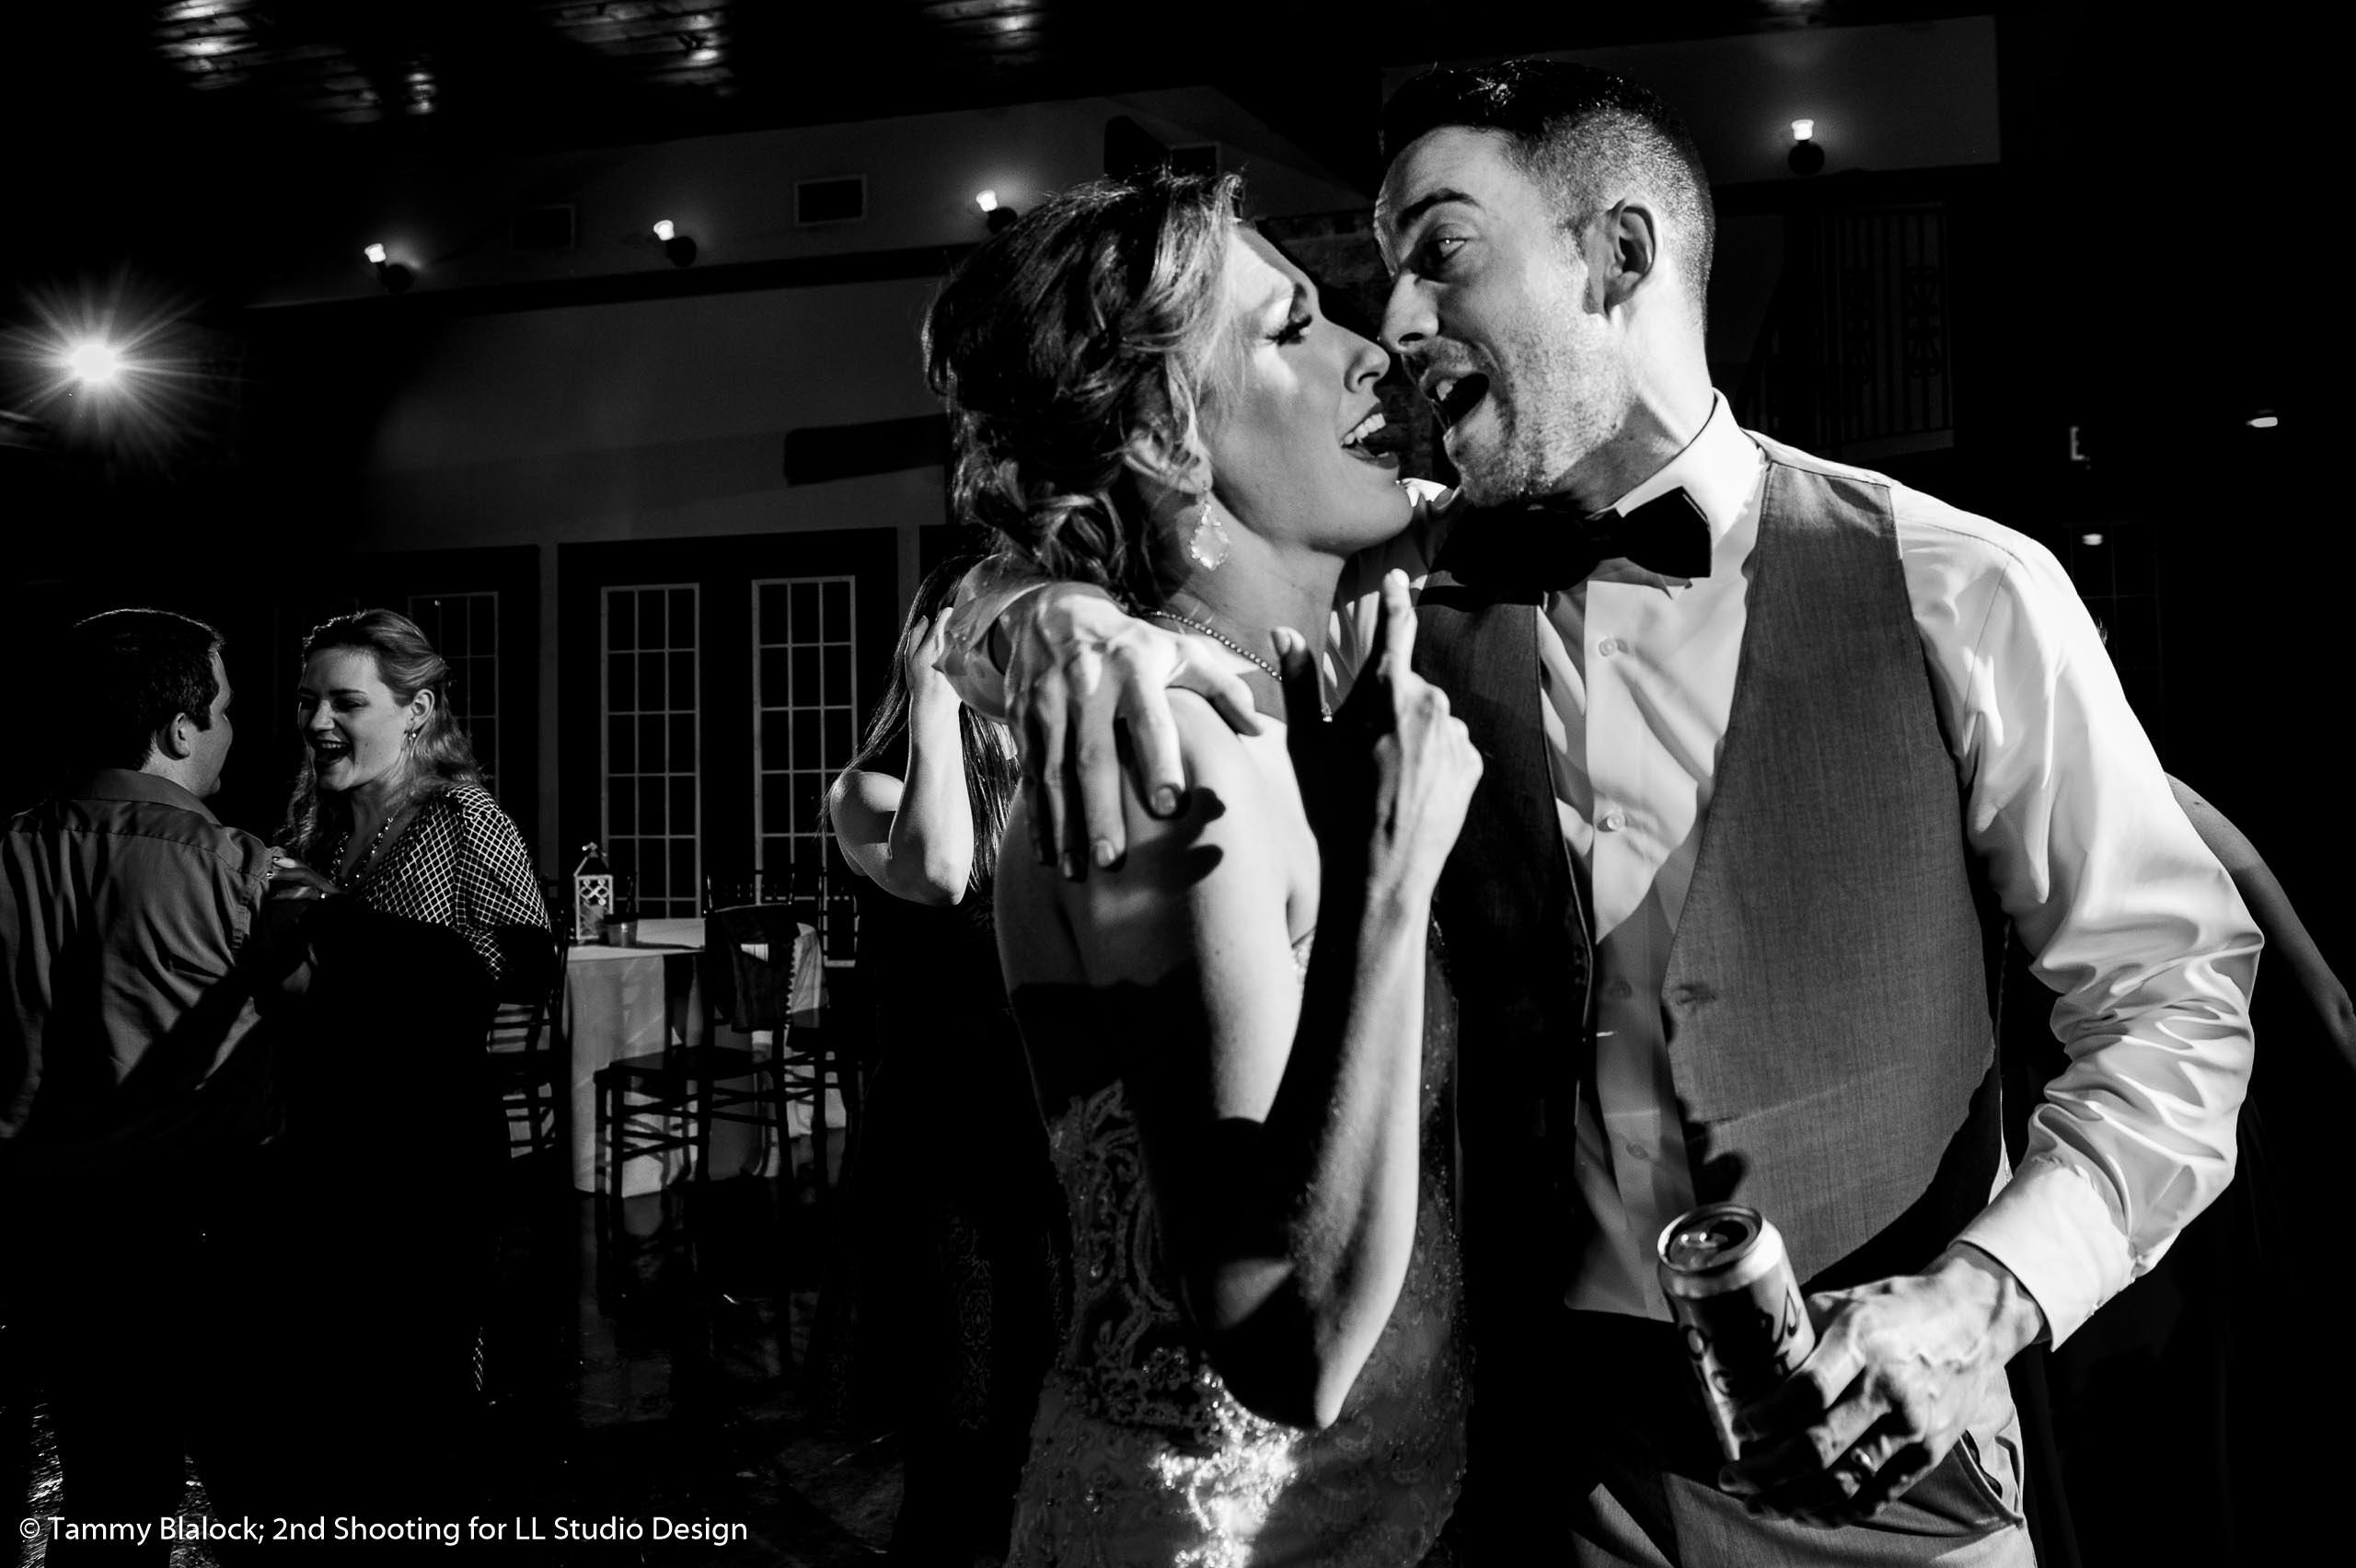 san-antonio-wedding-photographers-_4S20976